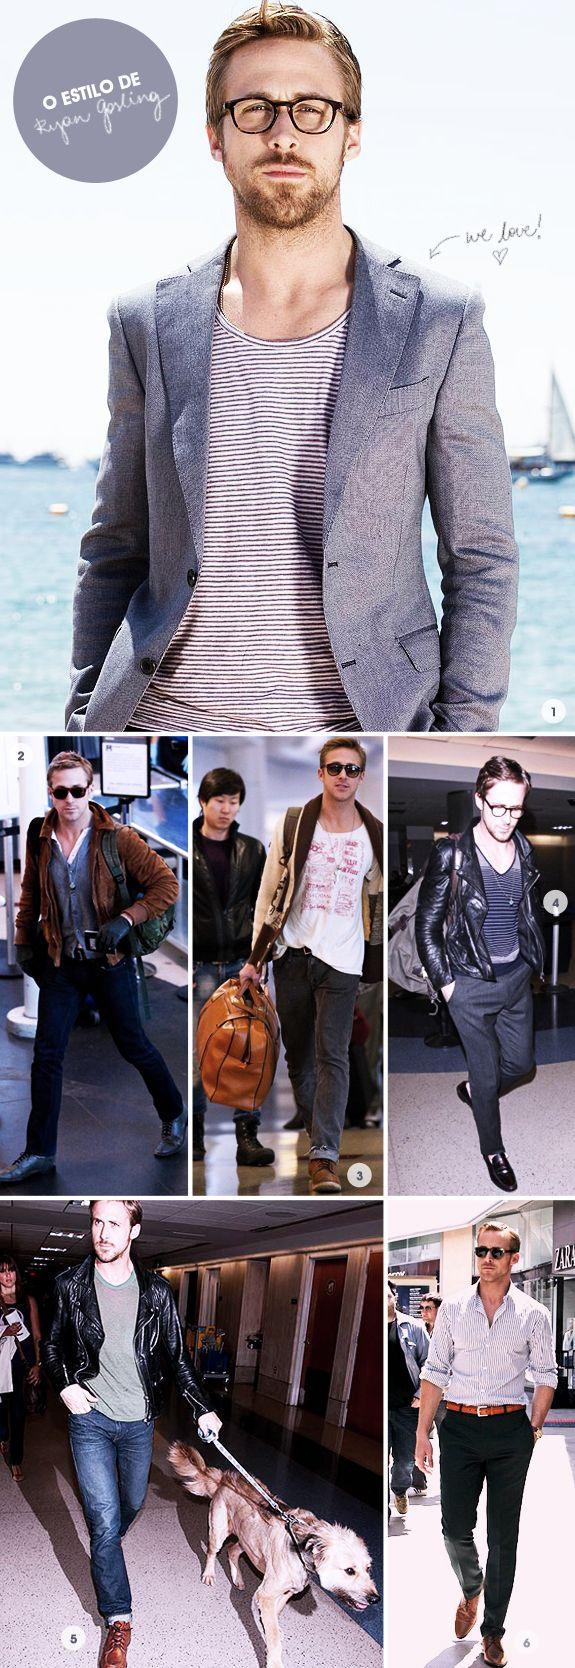 O Estilo de Ryan Gosling